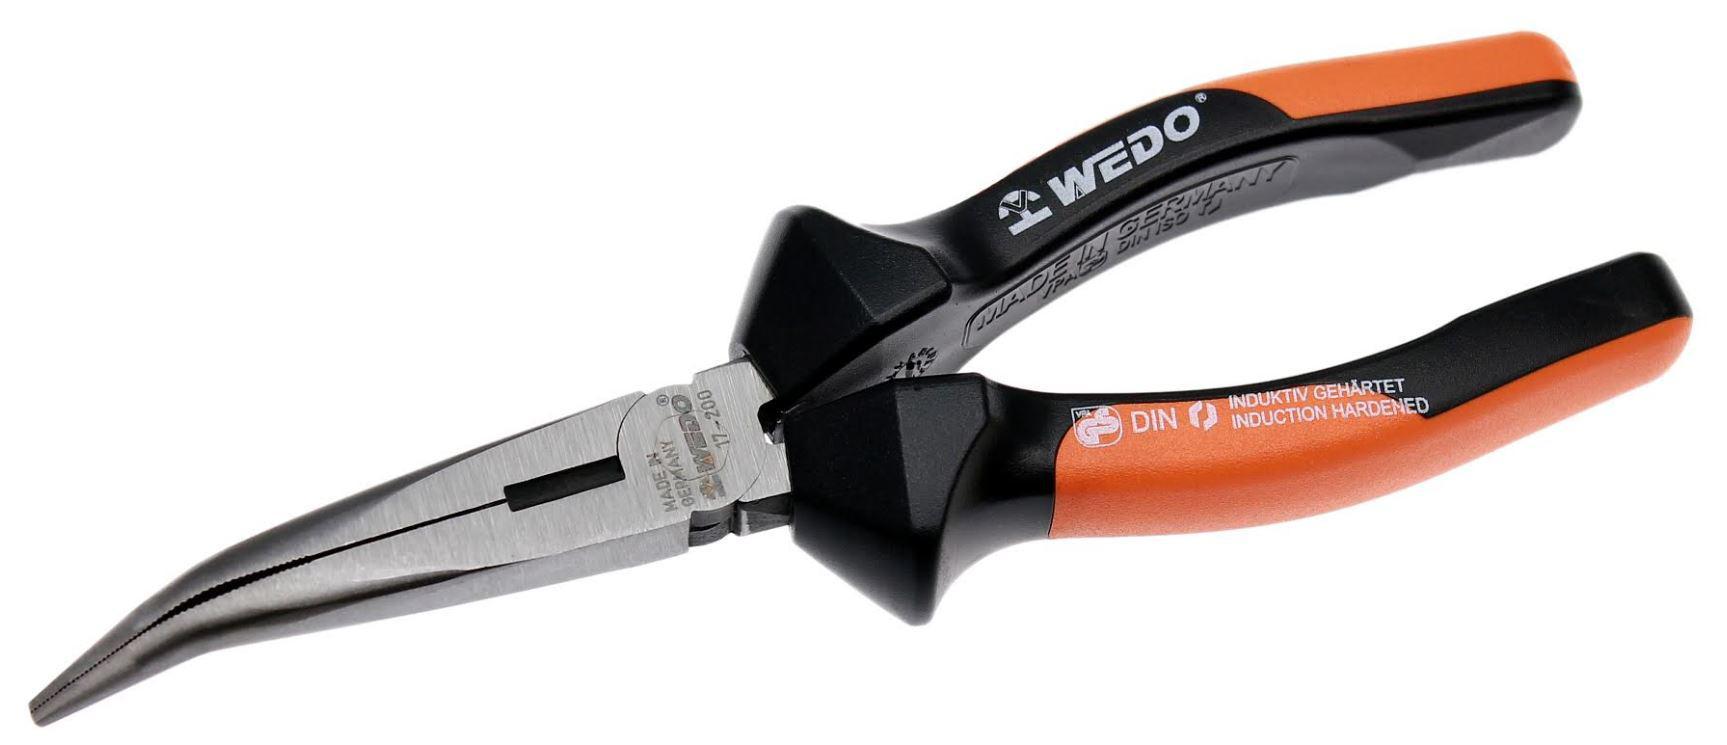 Утконосы Wedo 17-200/30r9 длинногубцы 200 мм центроинструмент 0432